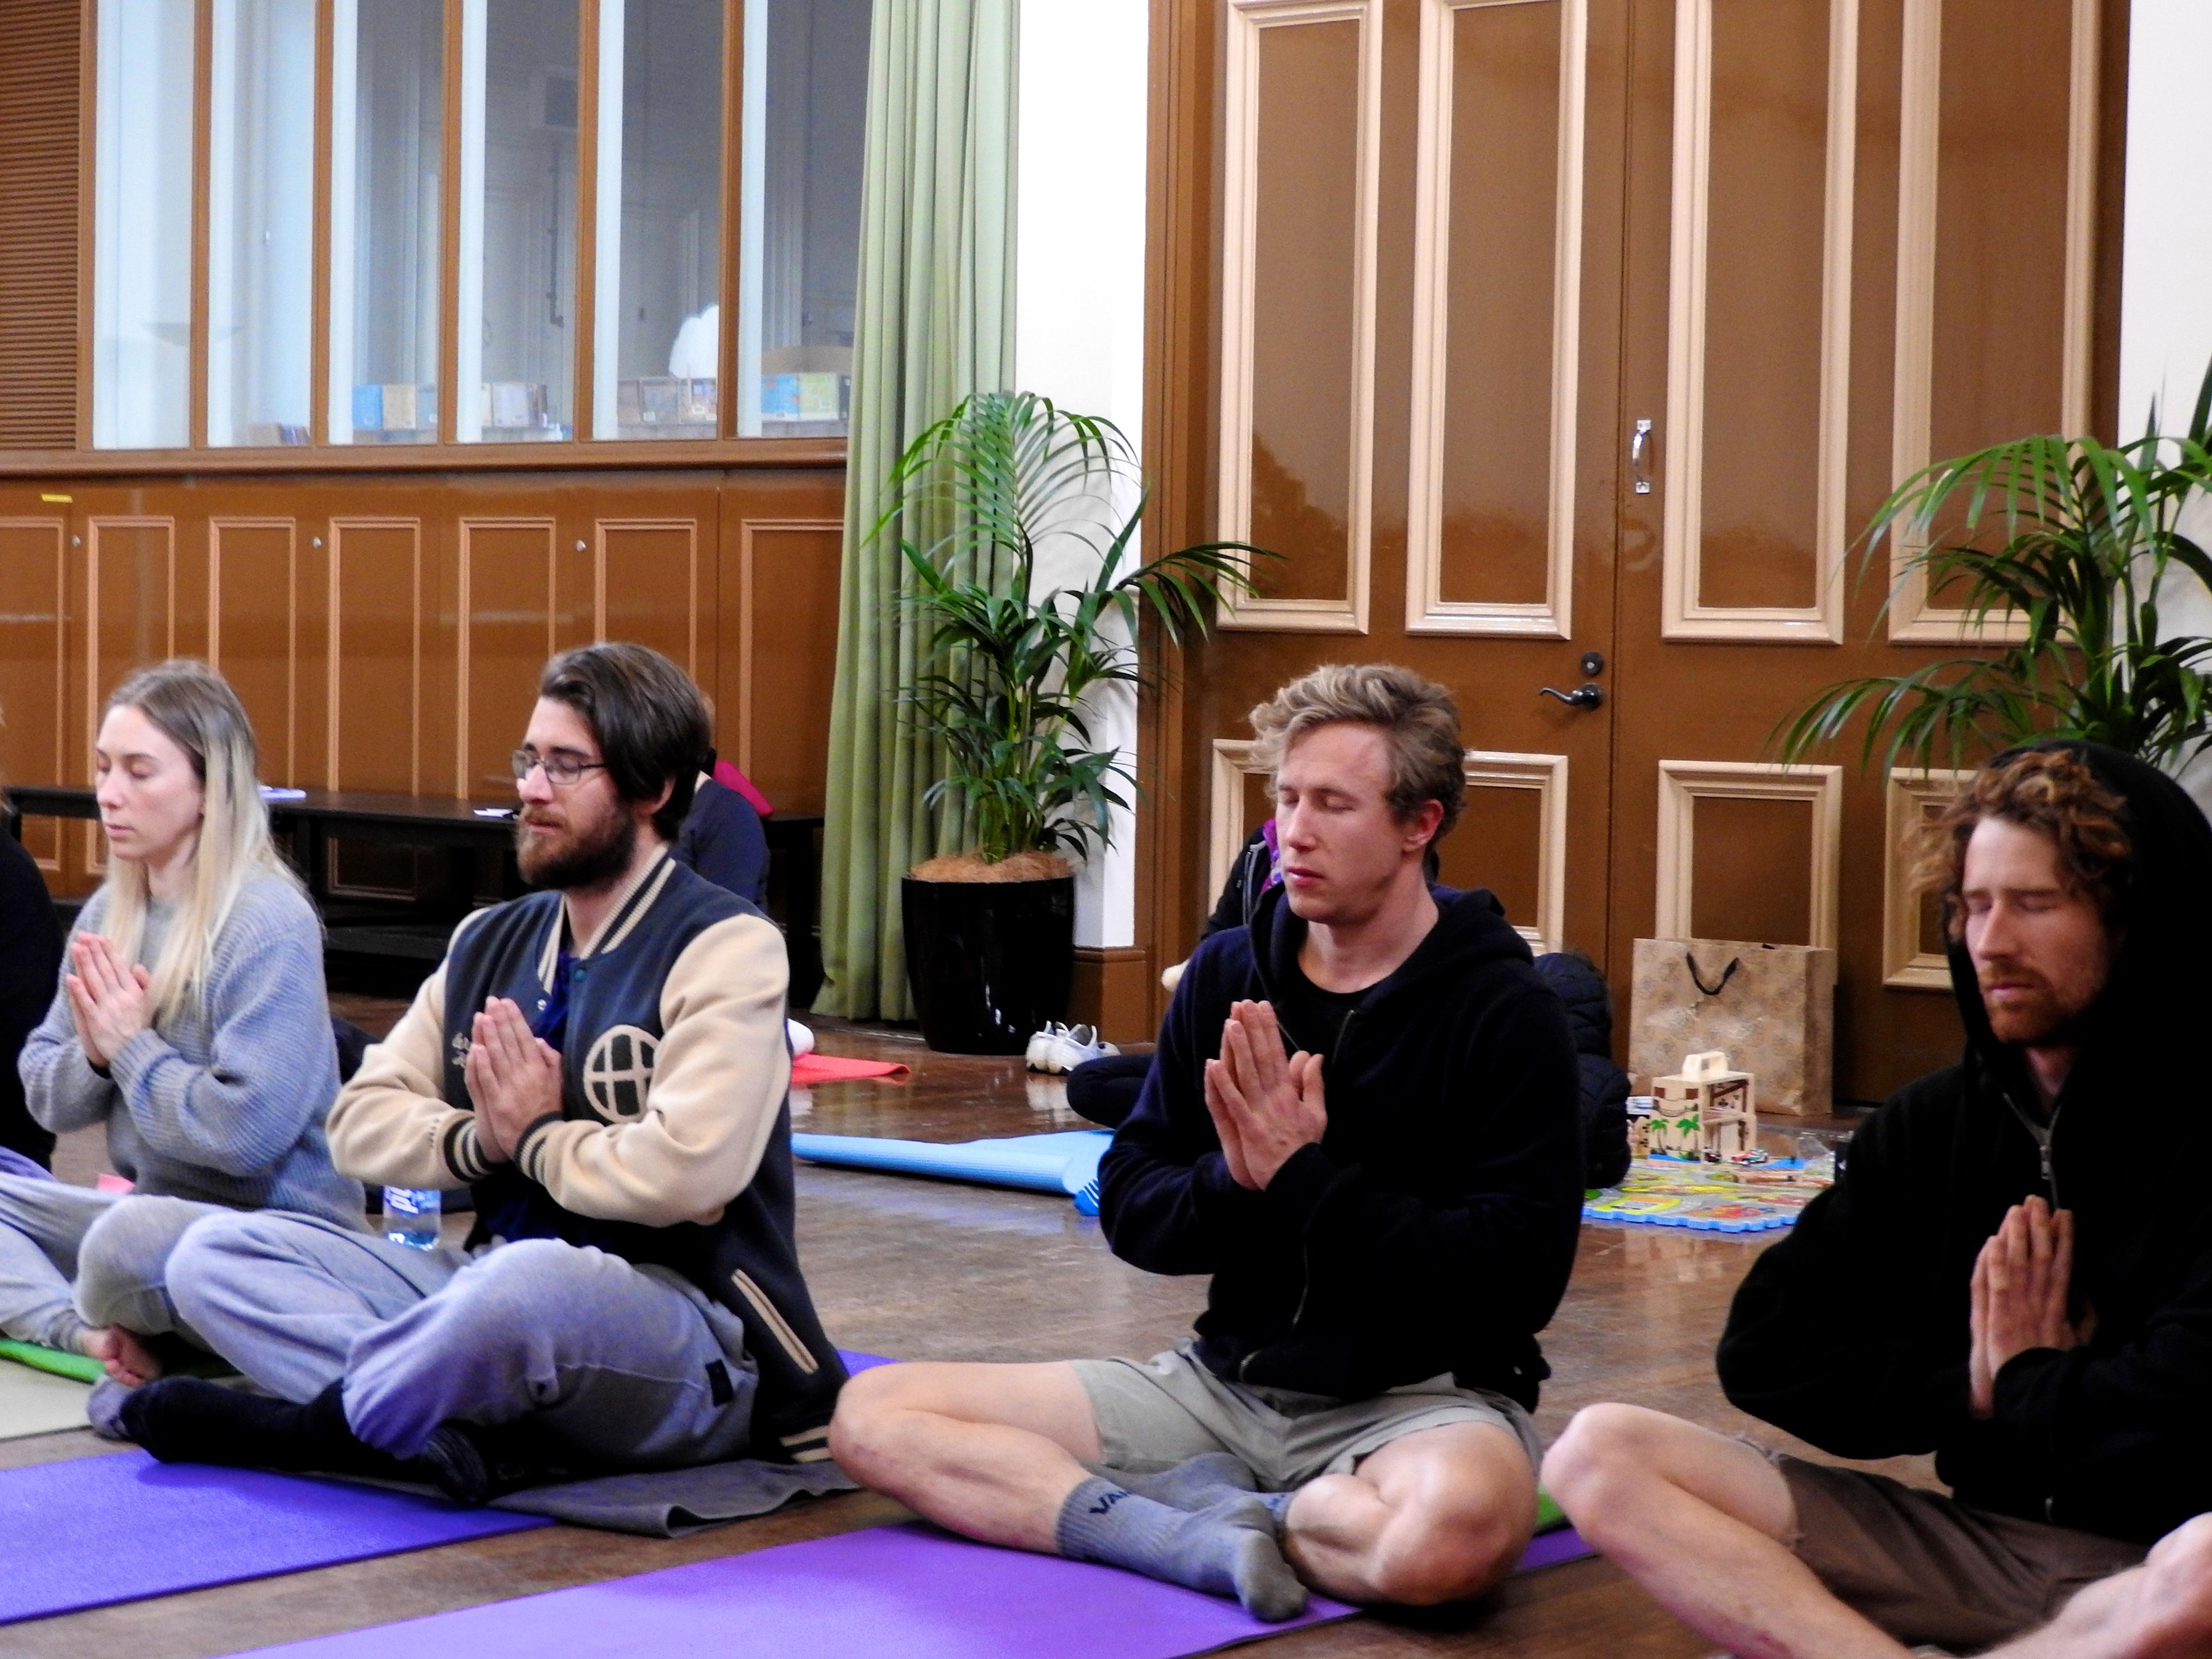 Divine yogis